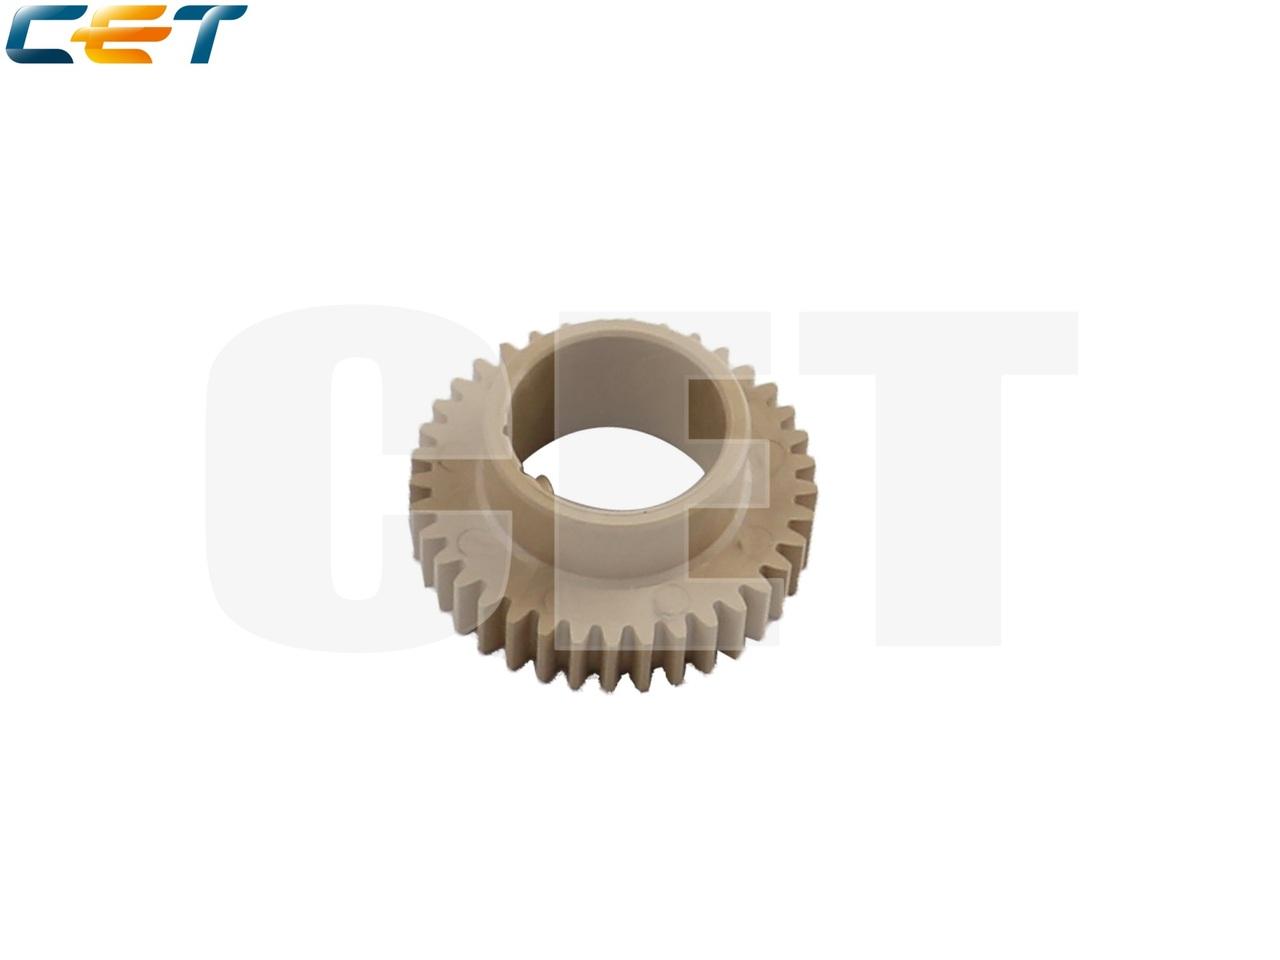 Шестерня привода резинового вала 37T NGERH2260FCZZ дляSHARP MX-6240N/7040N/6500N/7500N (CET), CET361003